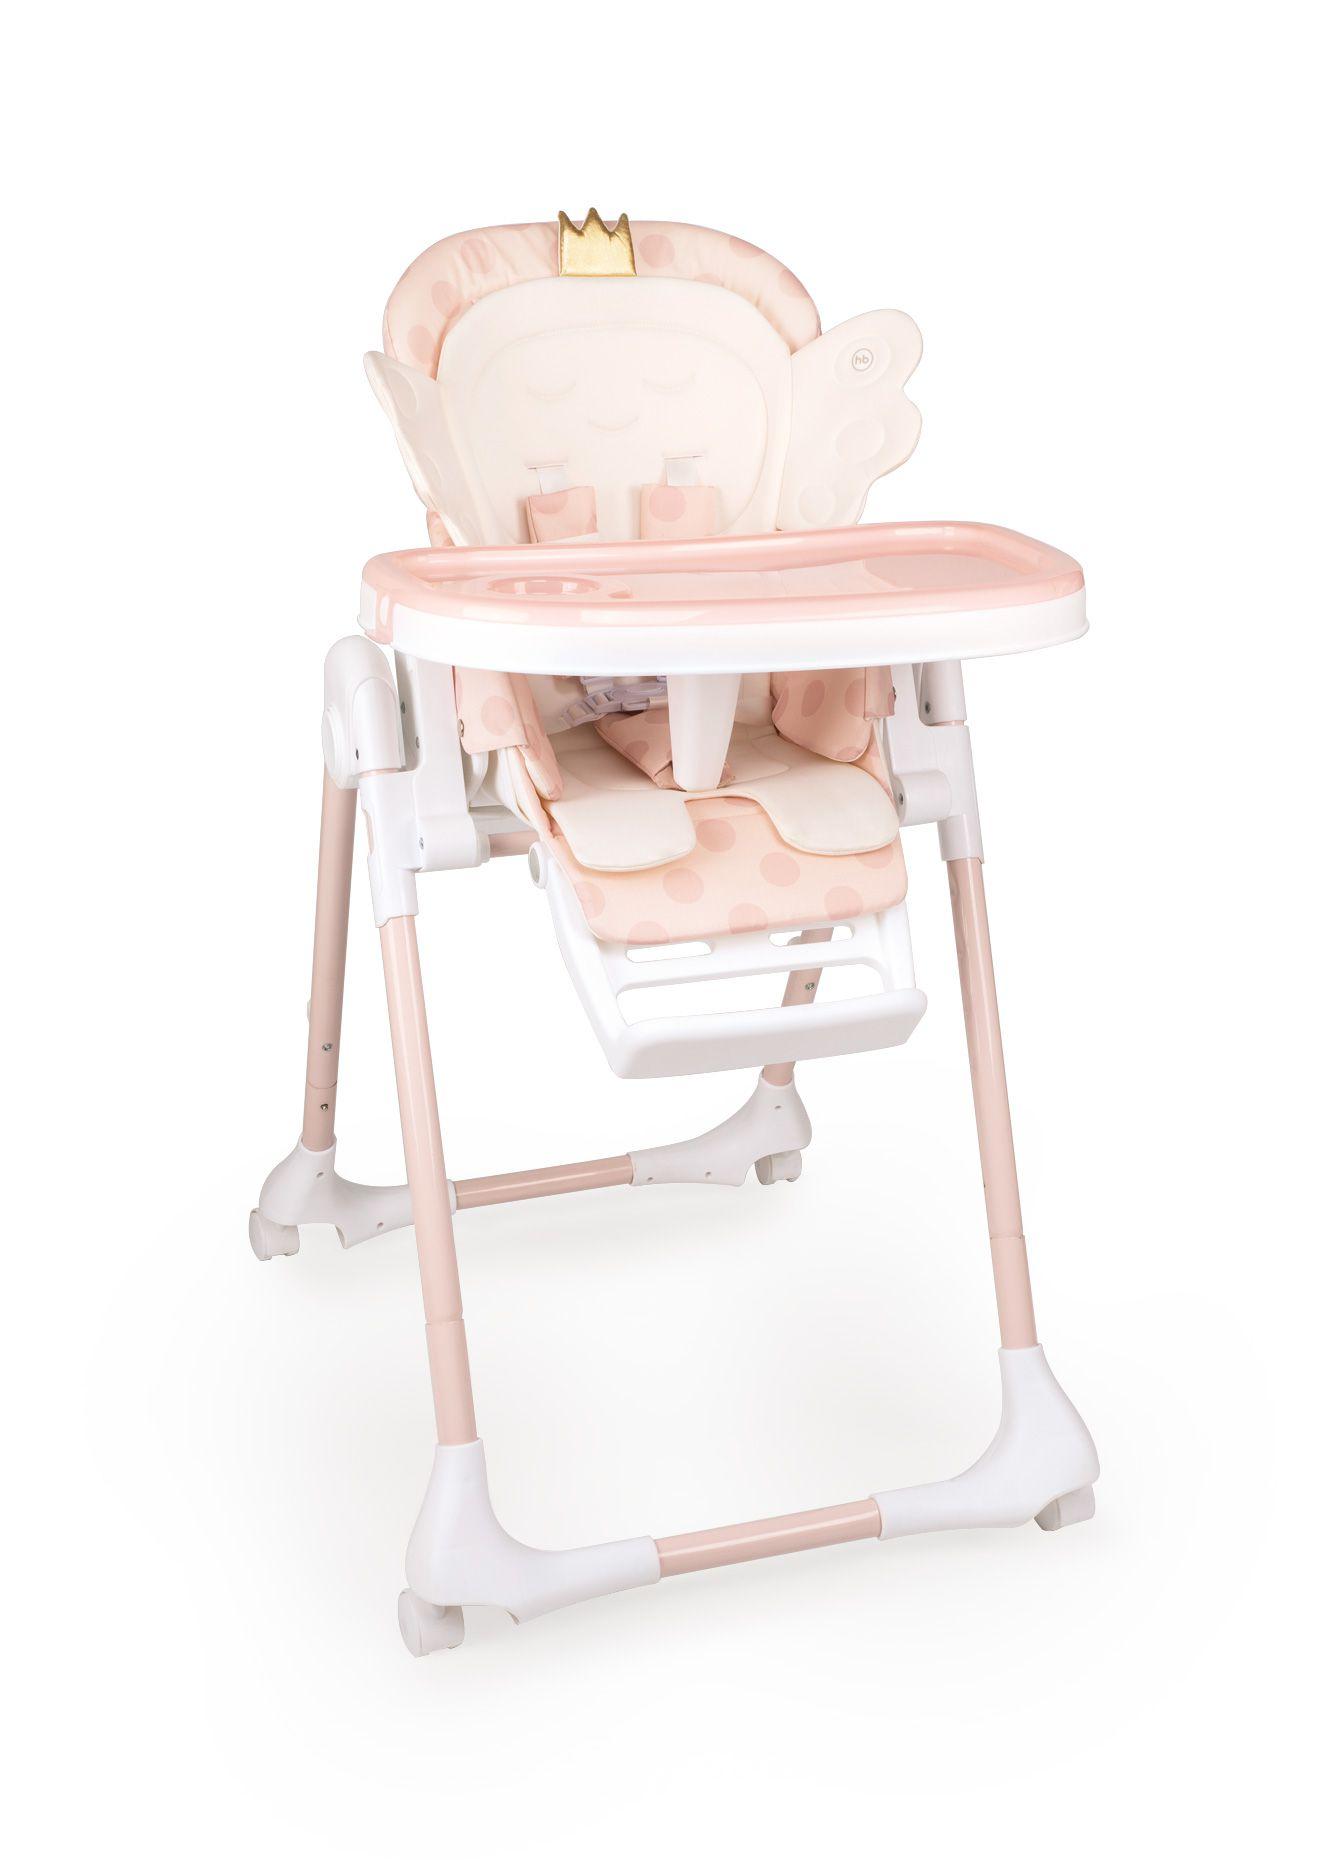 Стульчик для кормления Happy Baby Wingy Rose, Стульчики для кормления  - купить со скидкой